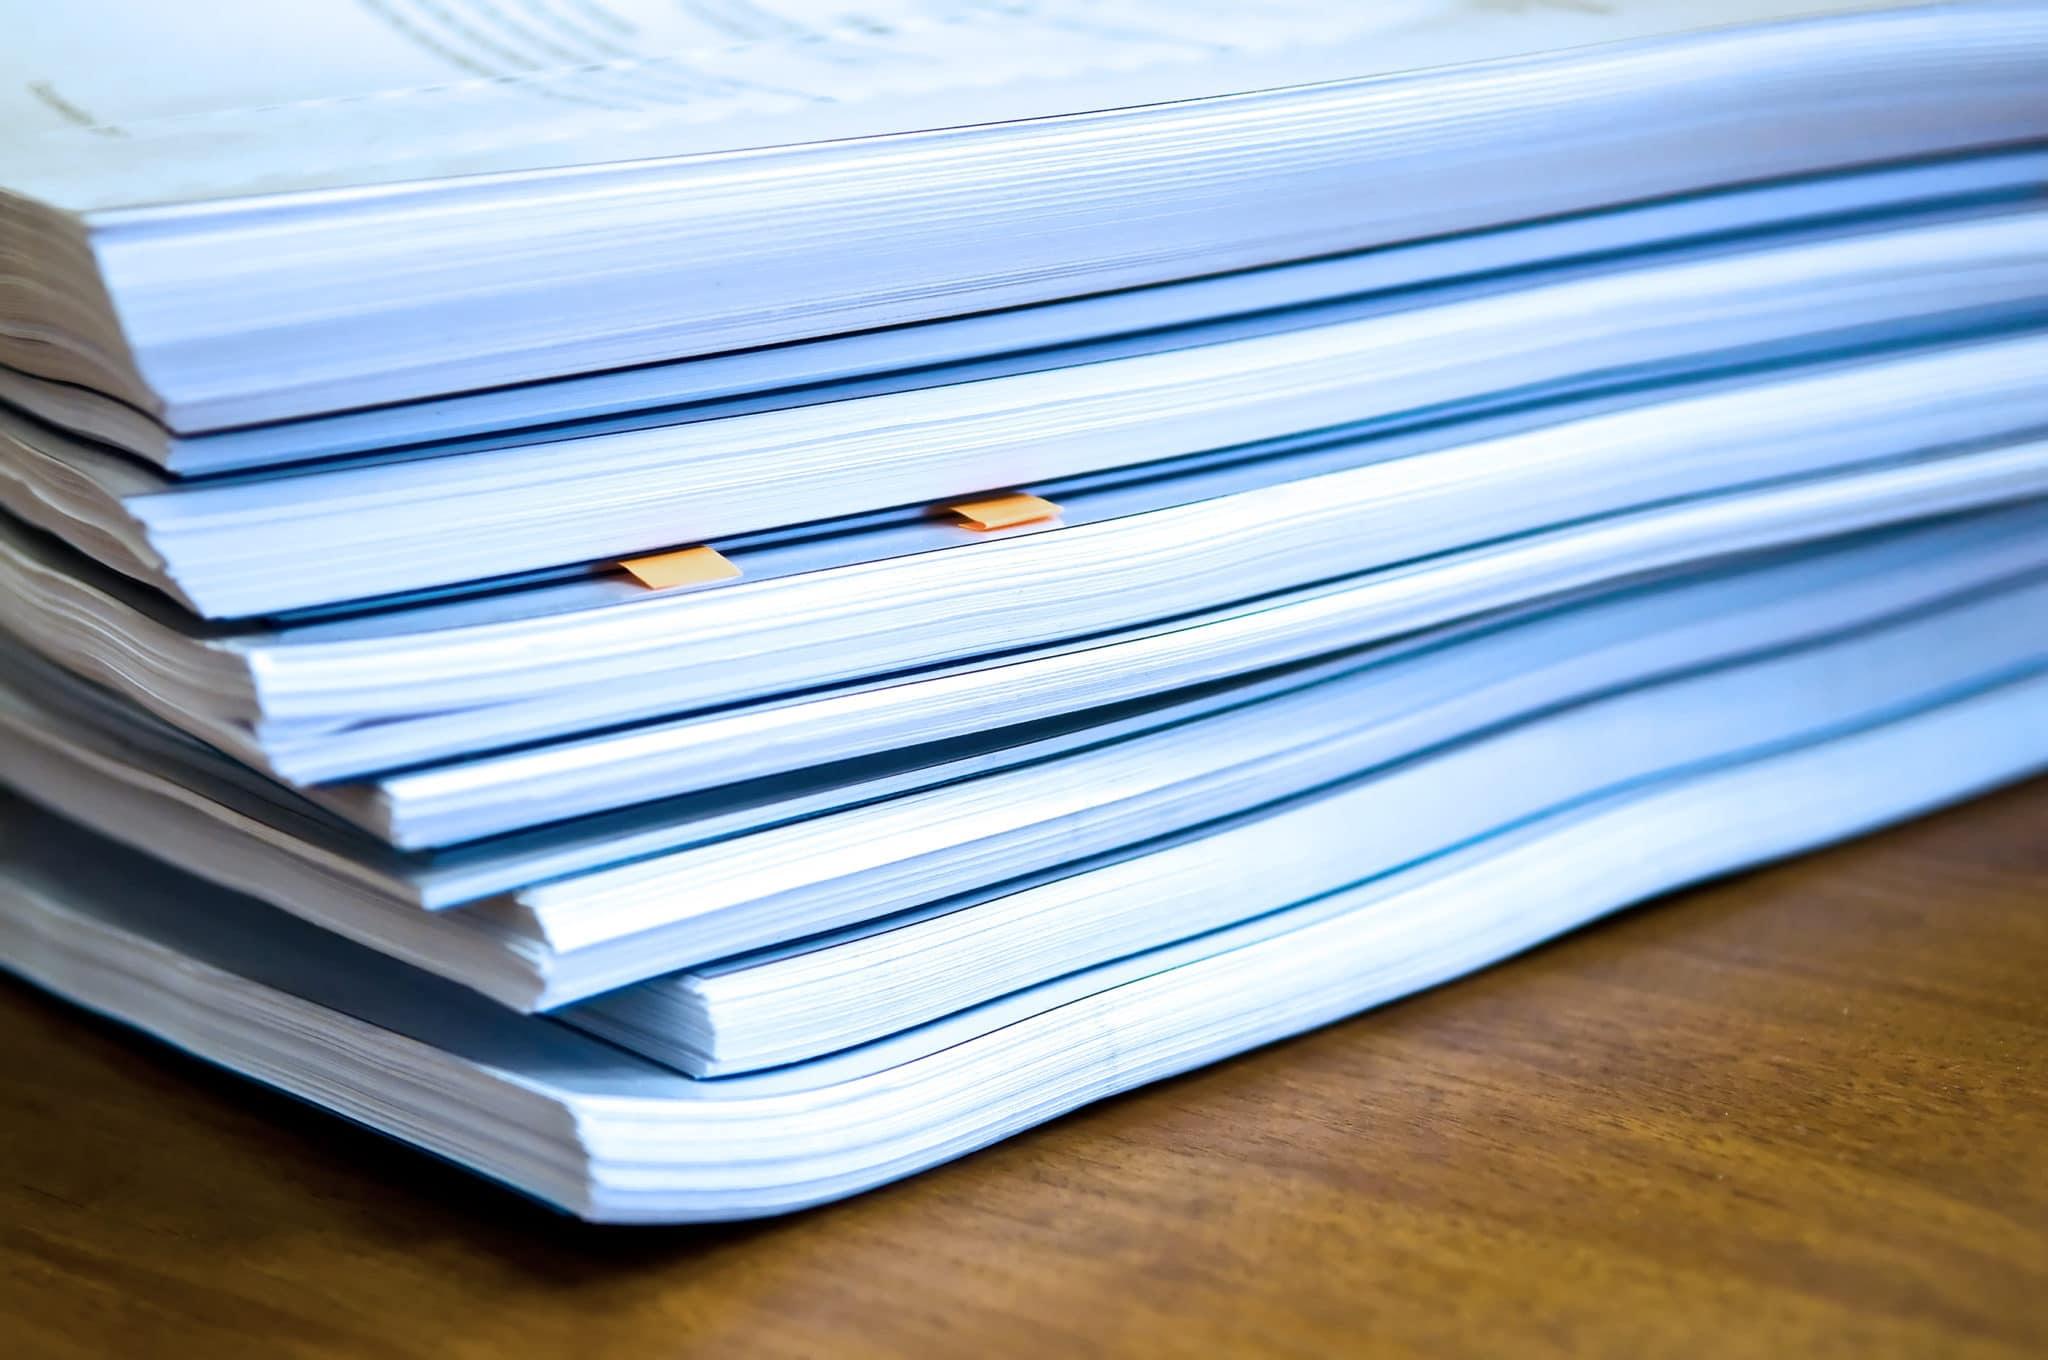 Fachanwalt für Erbrecht Testament Unterlagen Notar Patientenverfügung Vorsorgevollmacht